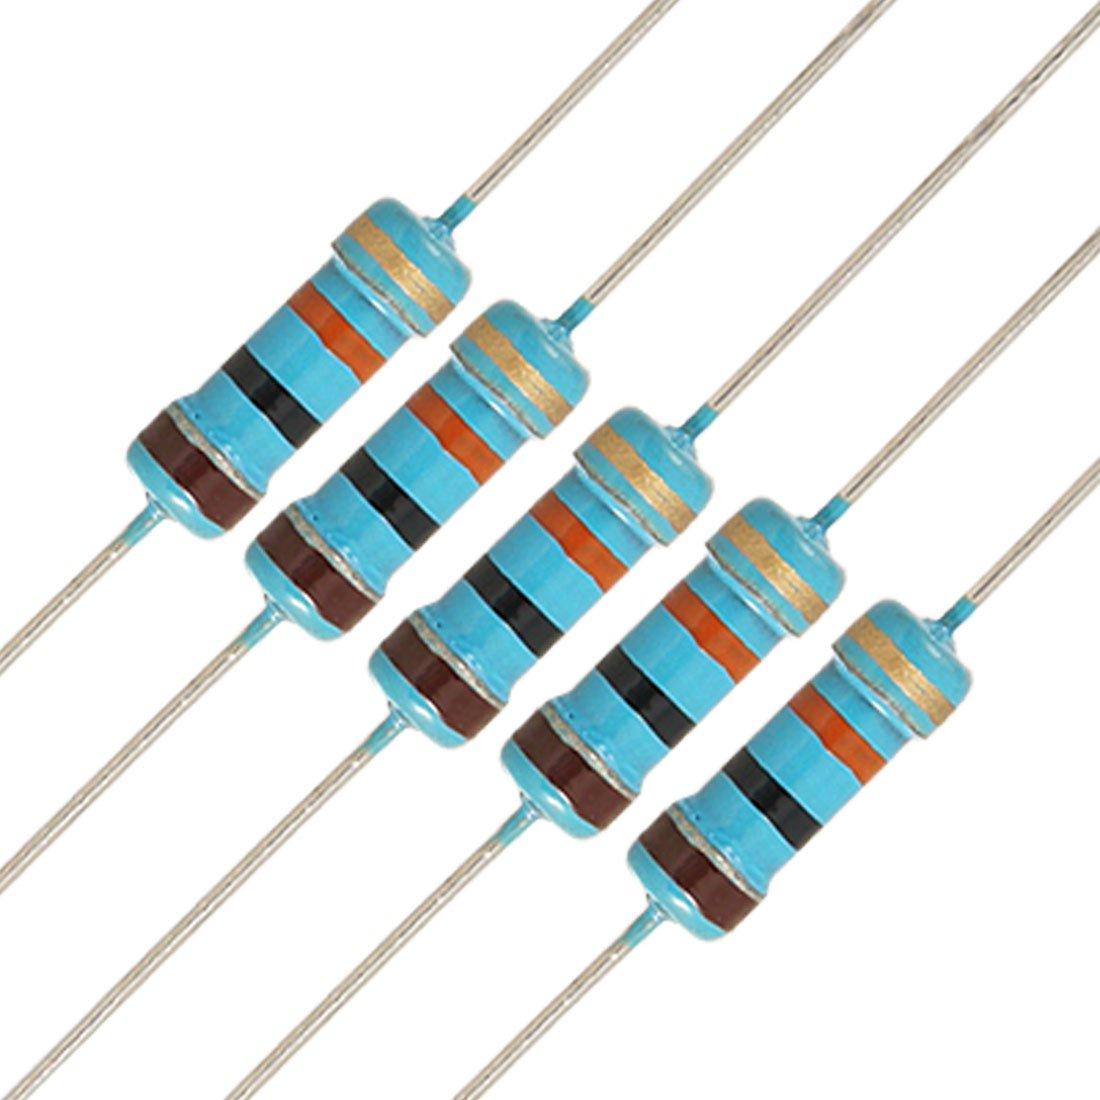 RESISTOR CARBON COMP 1//2W 10K Resistors Fixed Resistors-Pack of 5